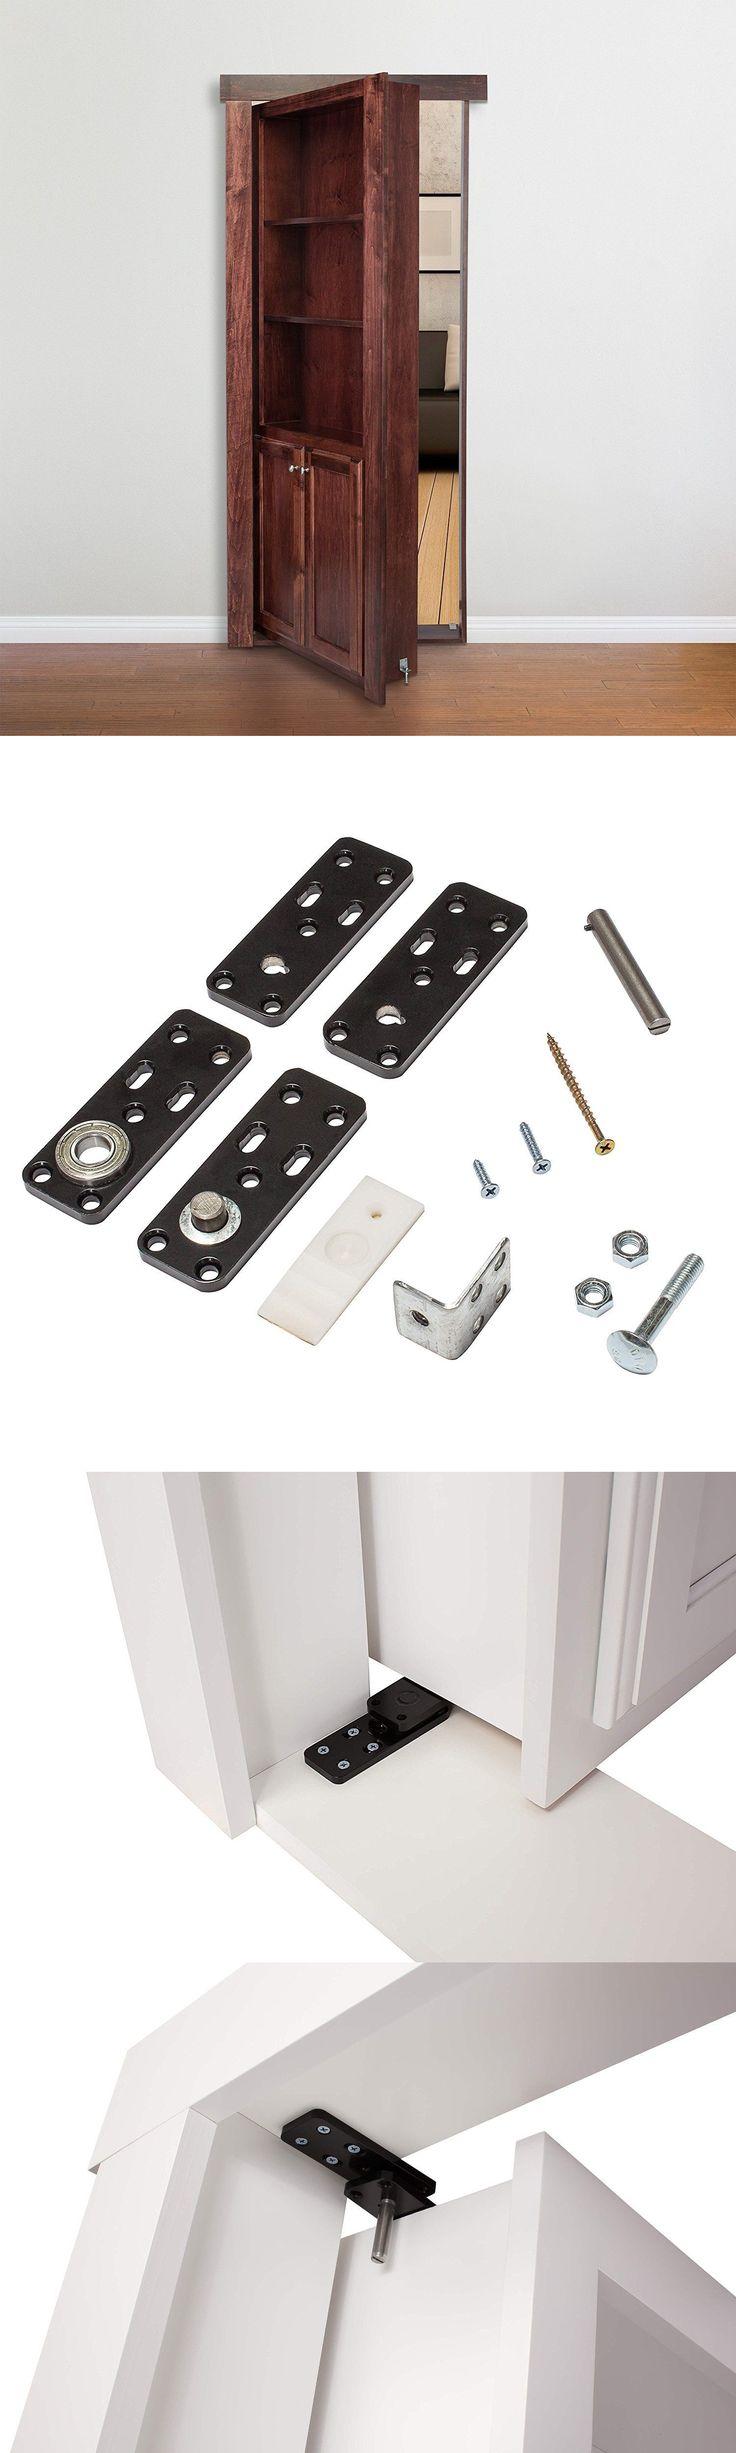 Door Hinges 66739: Hidden Door Hinge System Security Privacy Hinge Only -> BUY IT NOW ONLY: $509.88 on eBay!